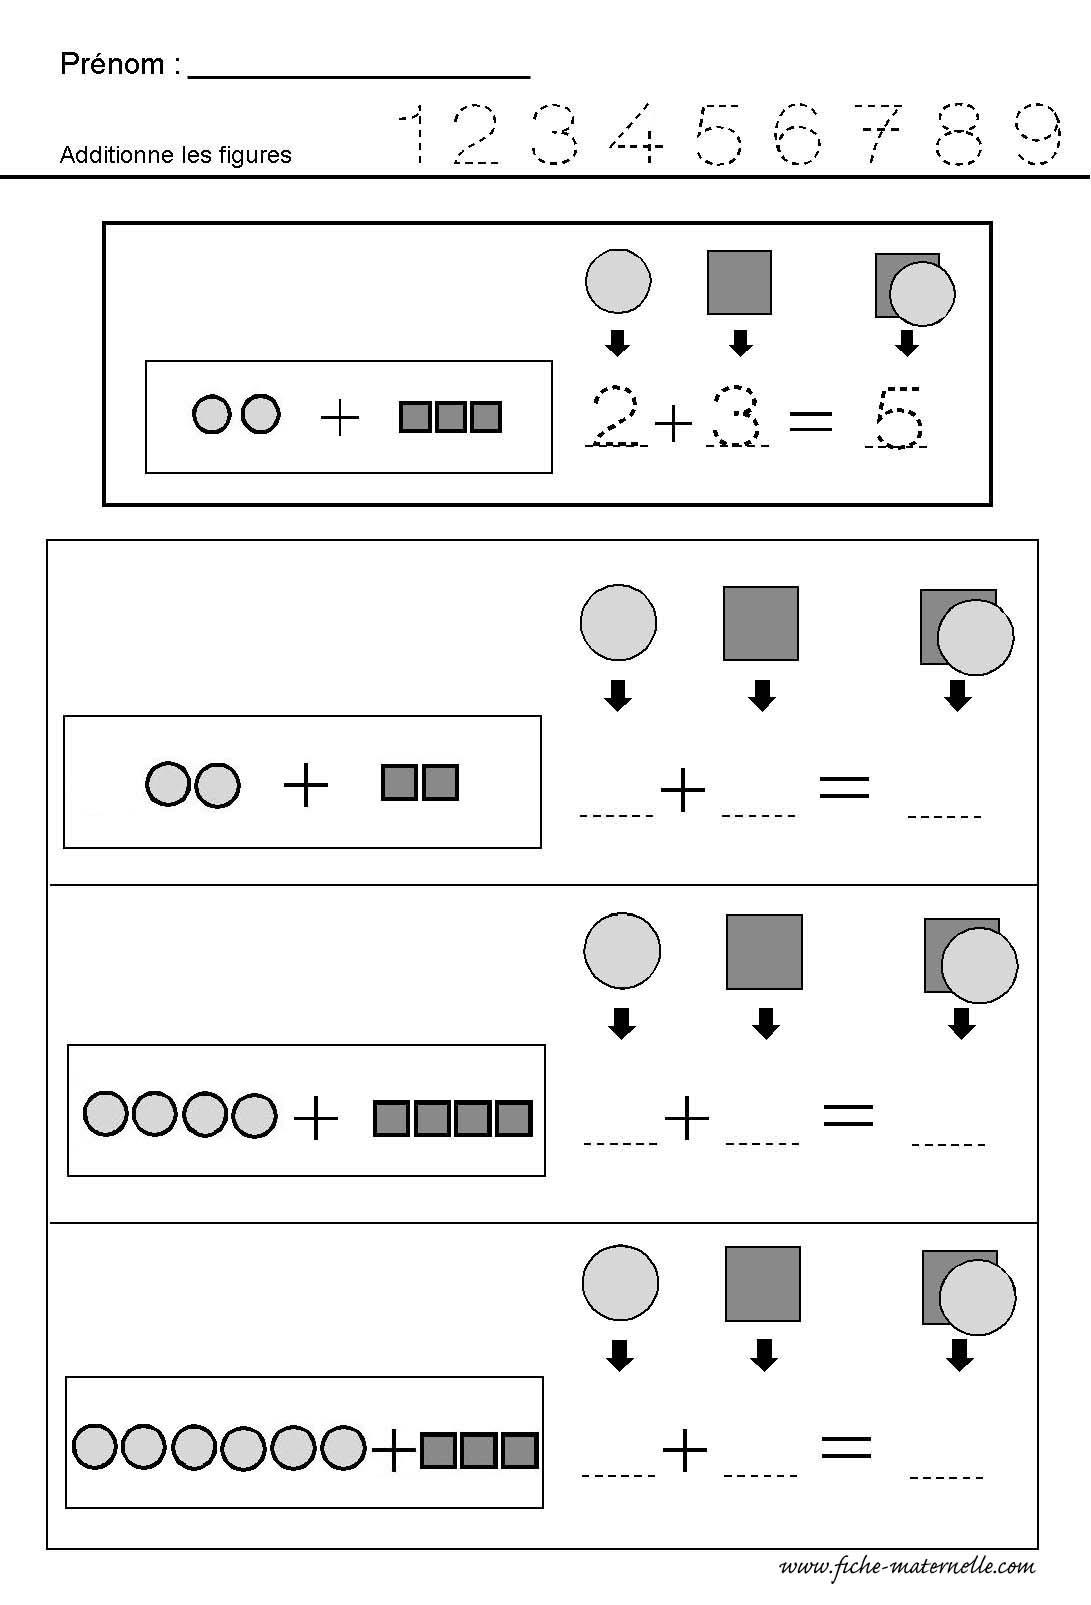 Des Formes Worksheet Collection | Printable Worksheets And pour Activité Maternelle Grande Section A Imprimer